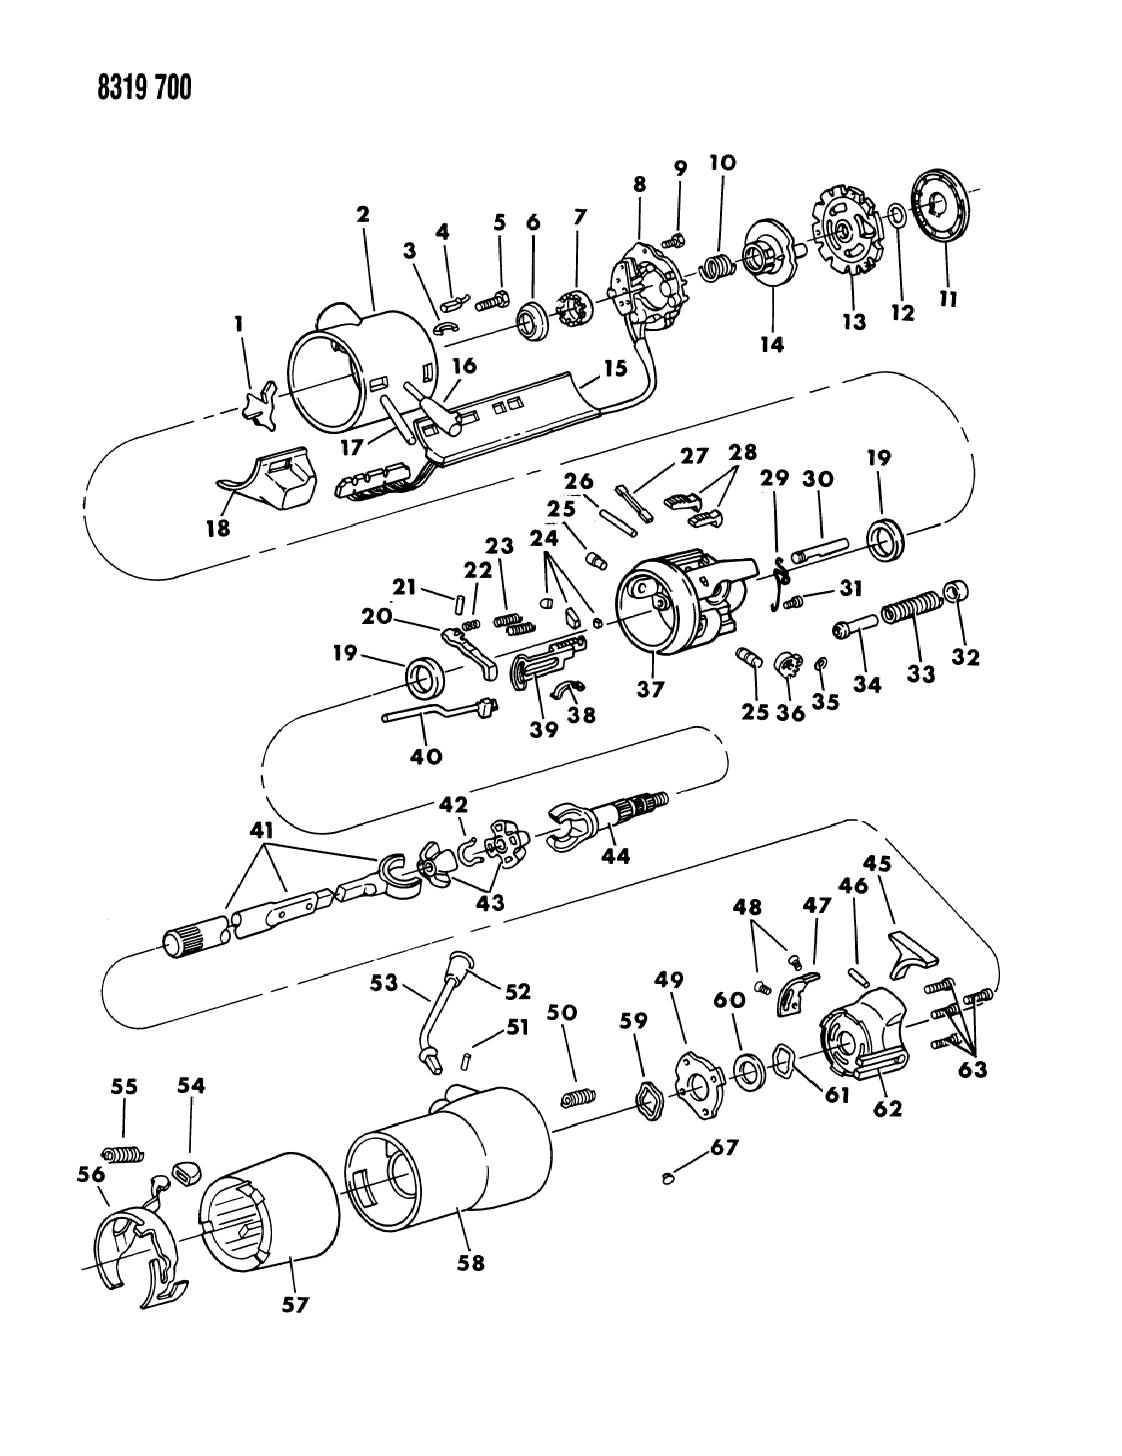 1988 dodge dakota column, steering upper with tilt1989 Dodge Dakota Steering Column Diagram #5